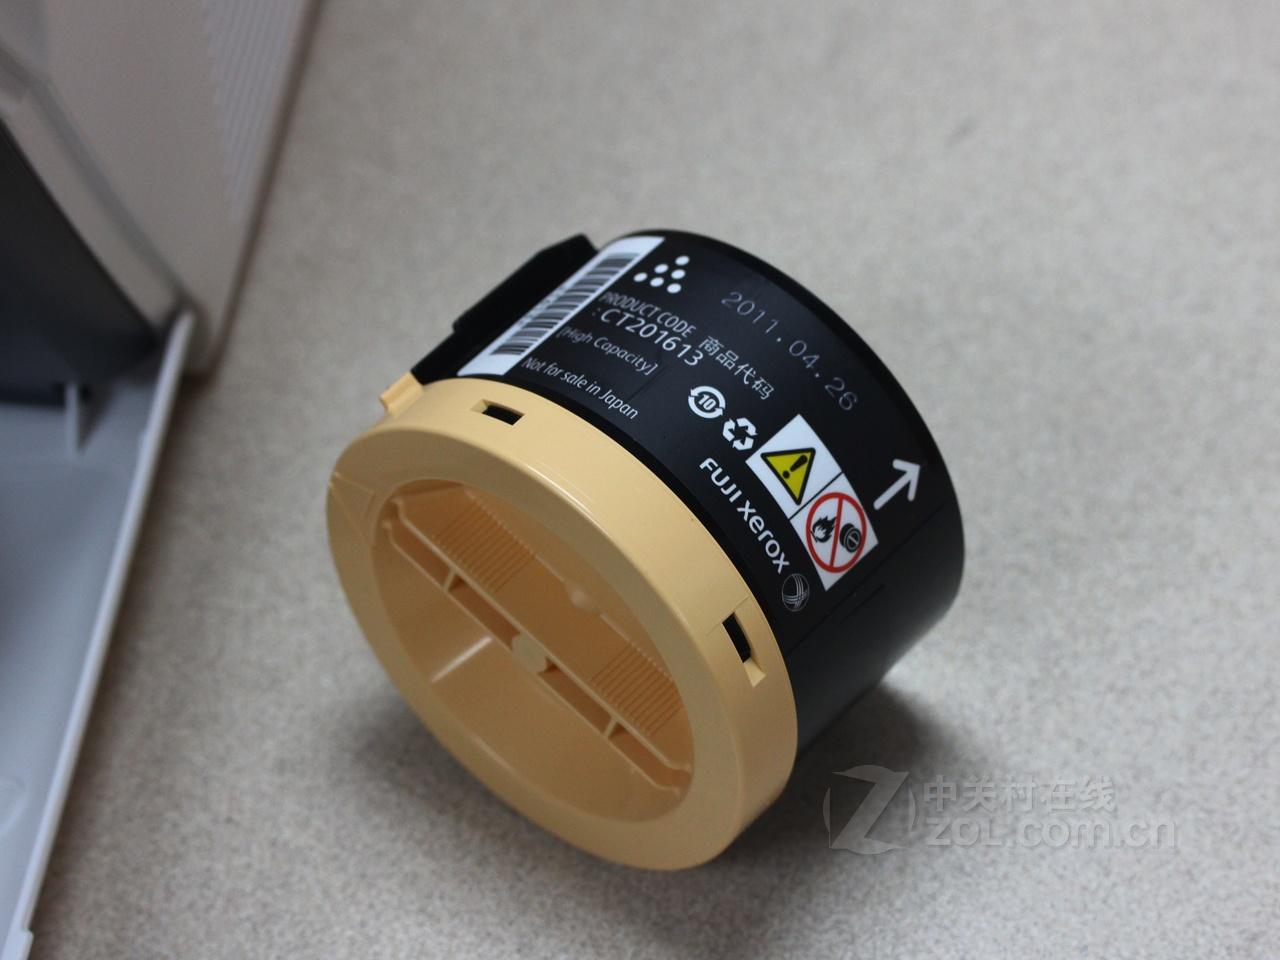 富士施乐 m158b 效果图 图片欣赏 高清图片